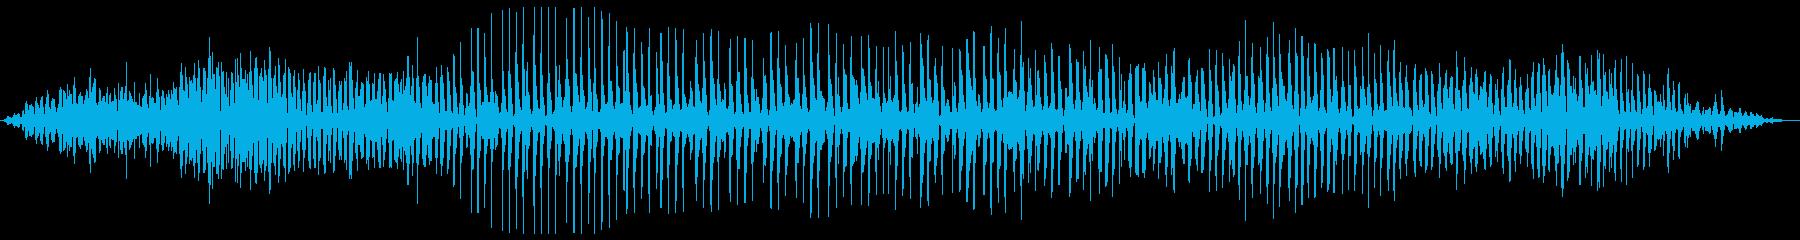 ブォンブロロ・・・(エンジン始動の様子)の再生済みの波形